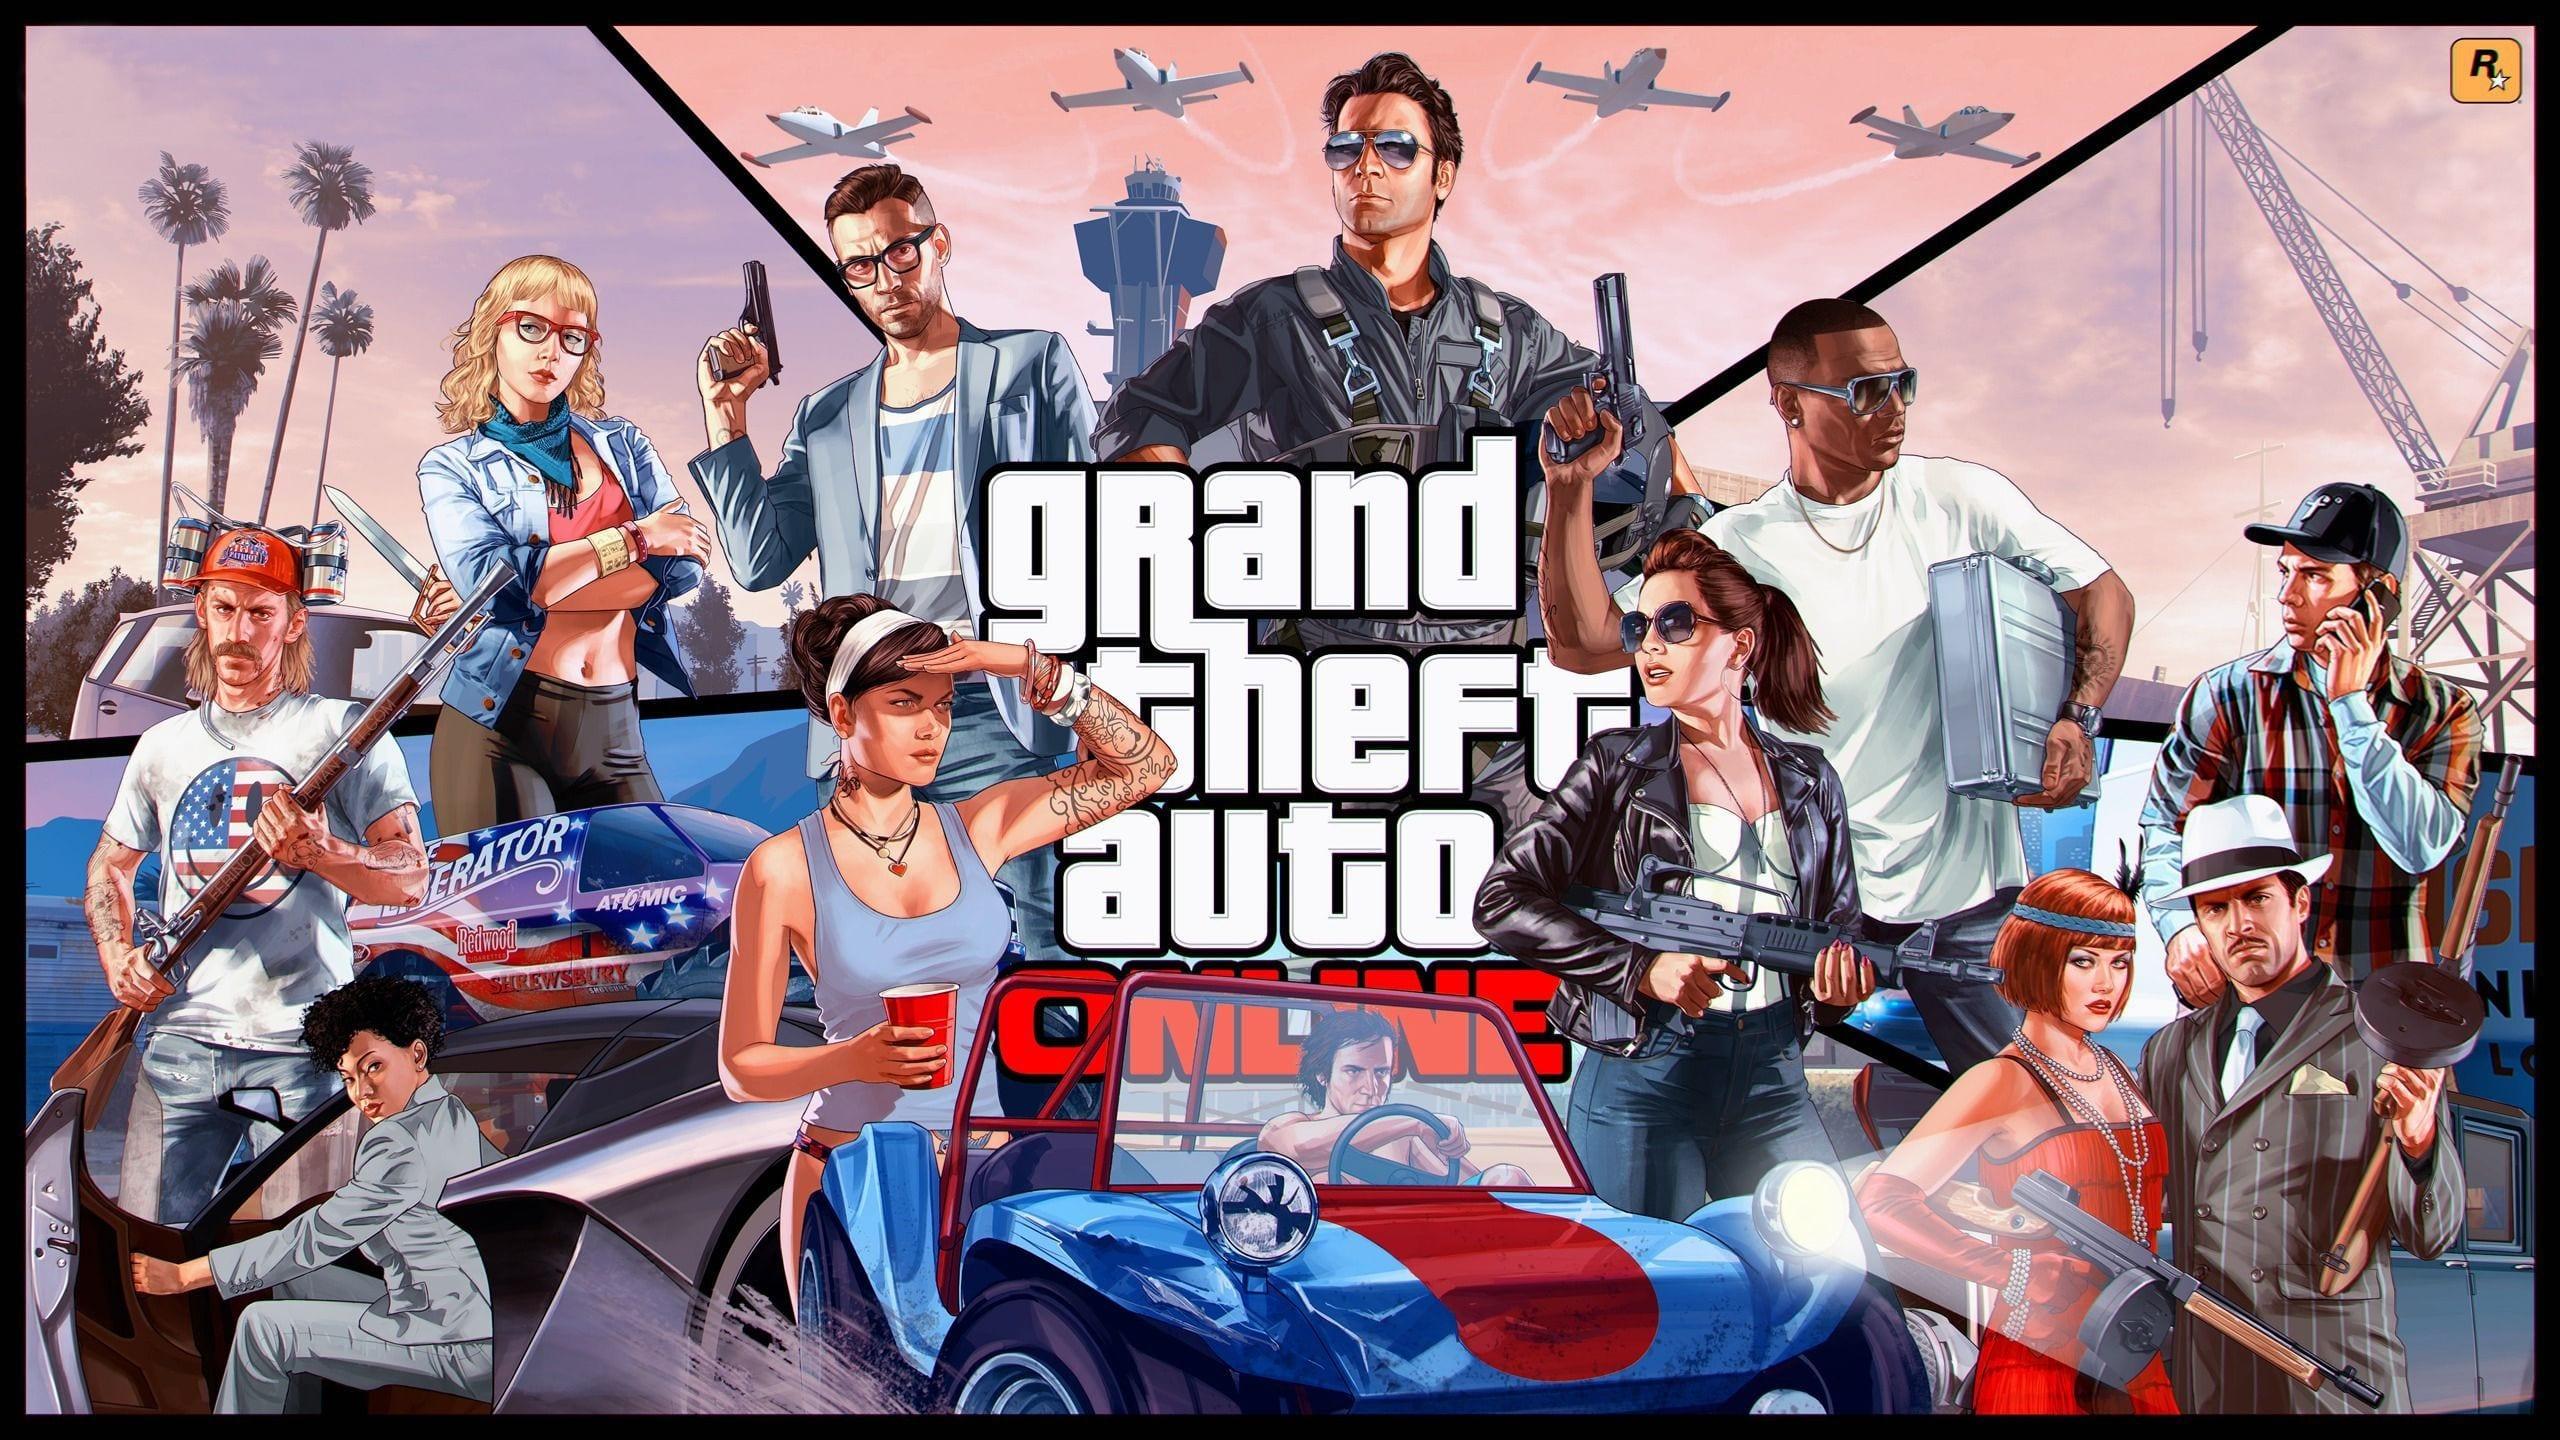 GTA Online é conhecido por ter um dos tempos de carregamentos mais lentos no mundo dos jogos, no entanto a Rockstar Games nunca mudou isso.